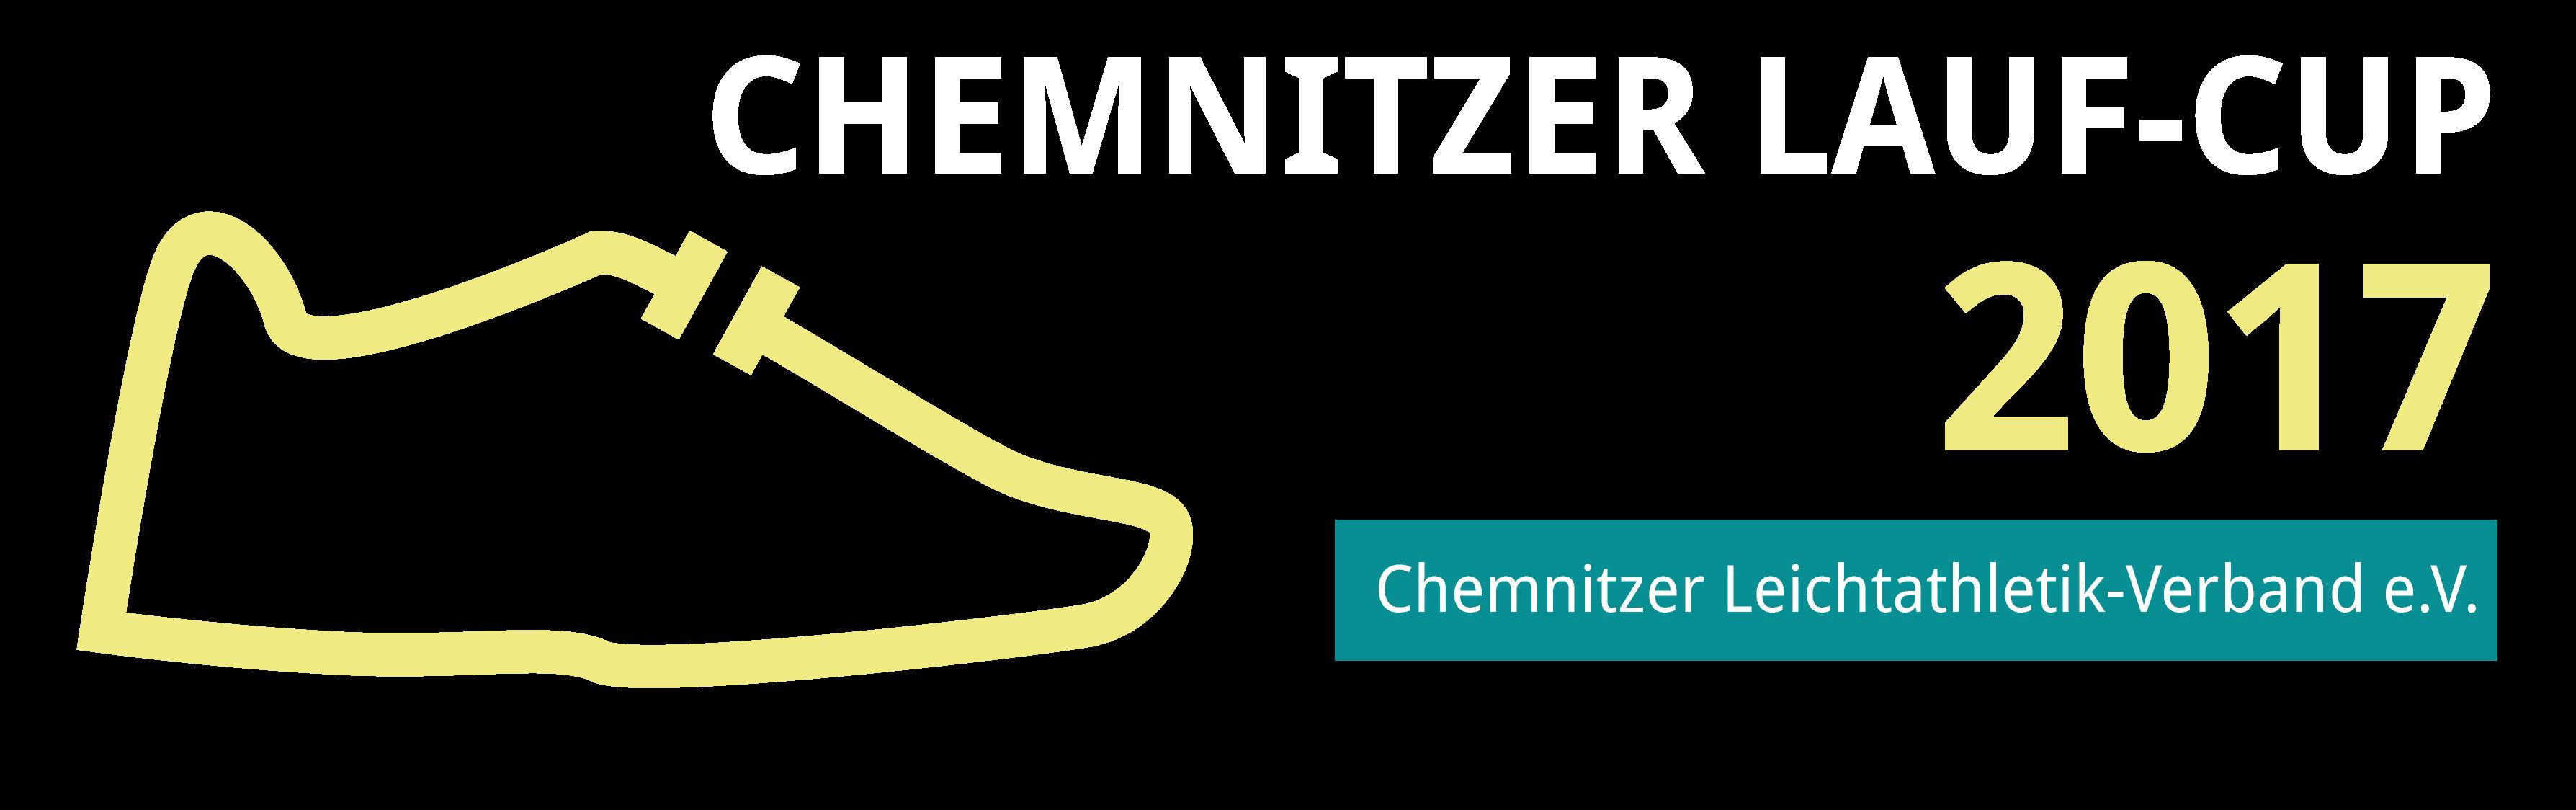 Chemnitzer Lauf-Cup